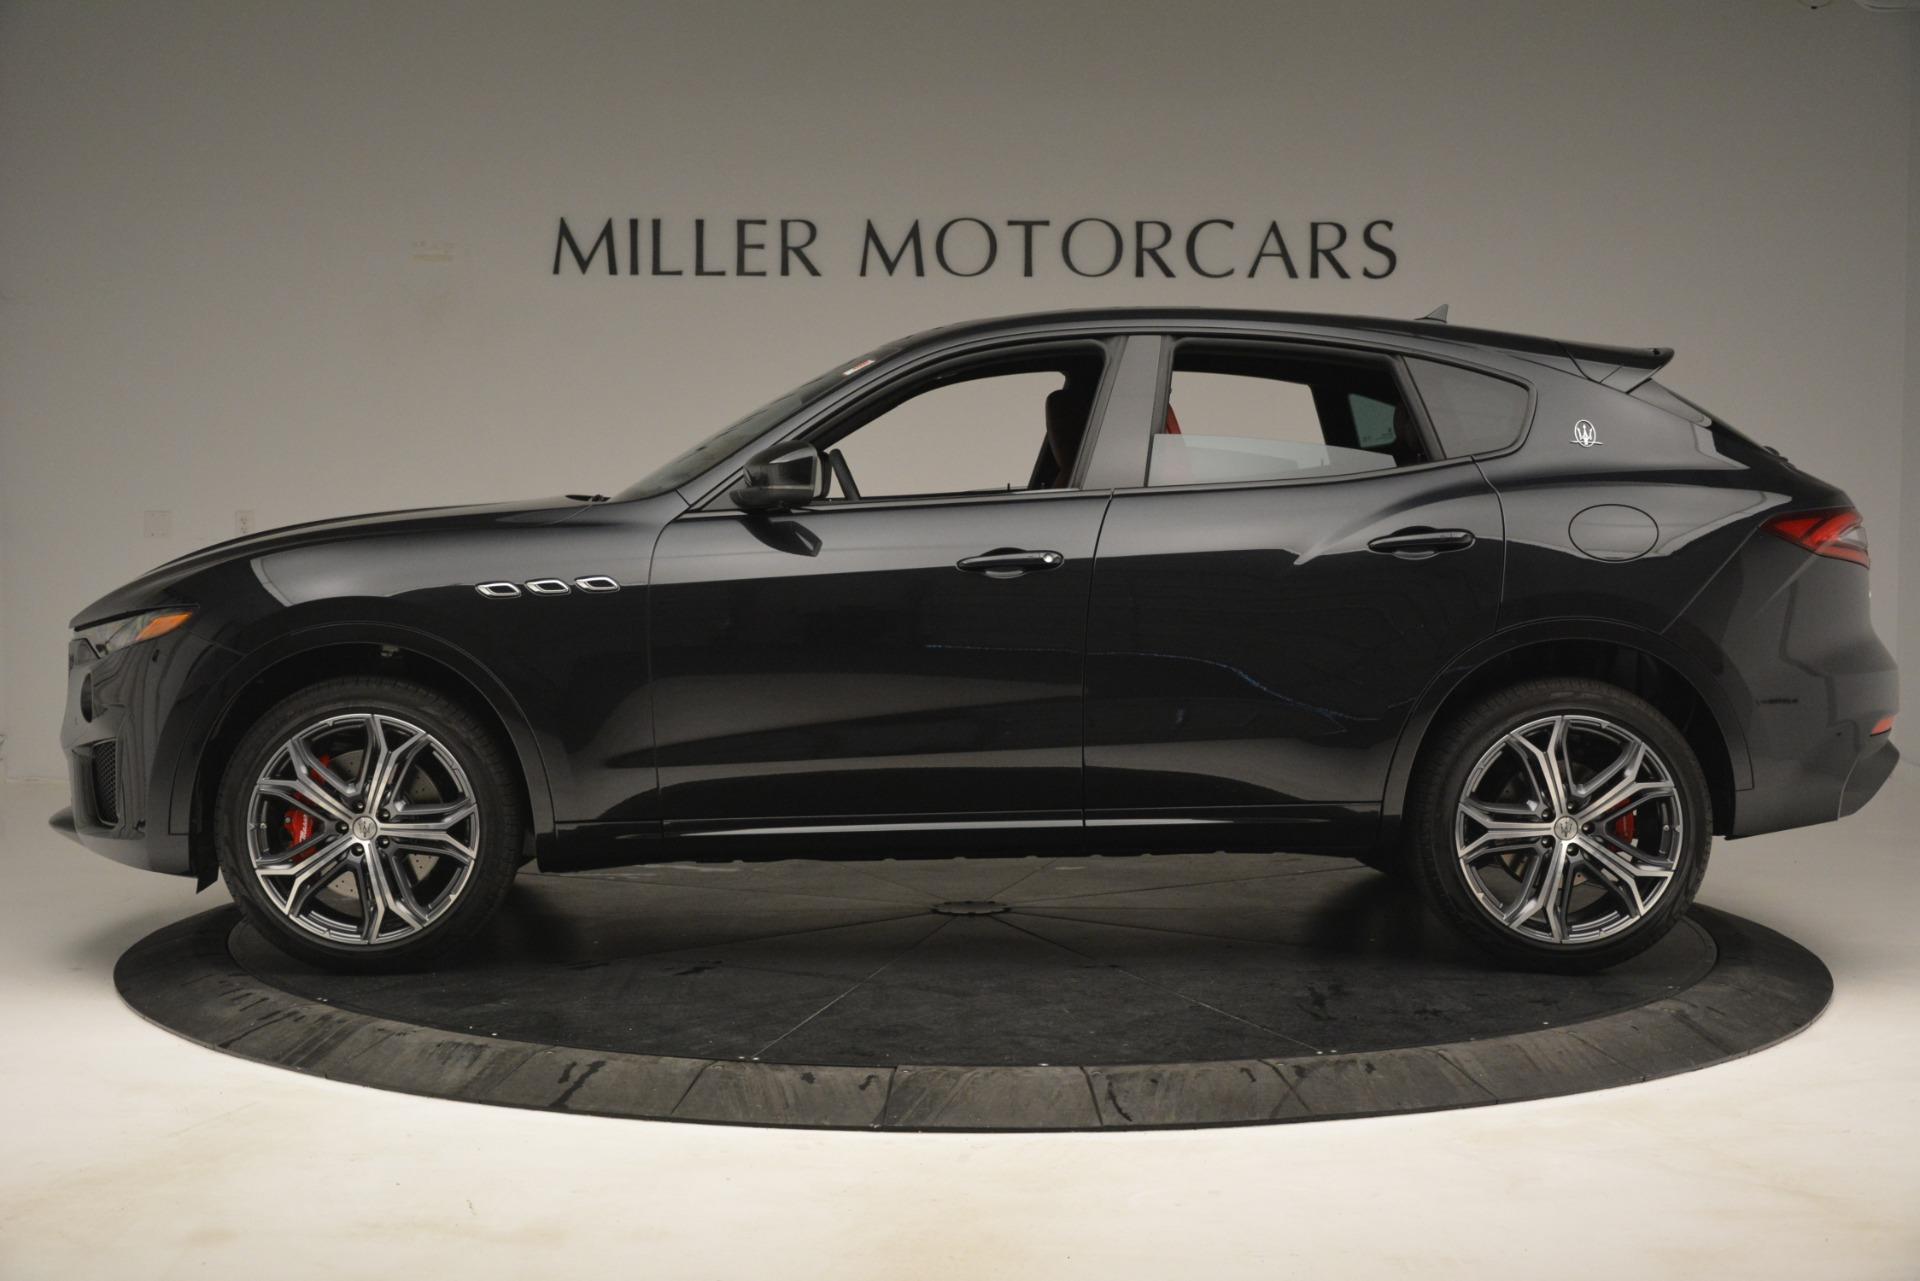 New 2019 Maserati Levante GTS For Sale In Greenwich, CT. Alfa Romeo of Greenwich, M2277 3023_p3